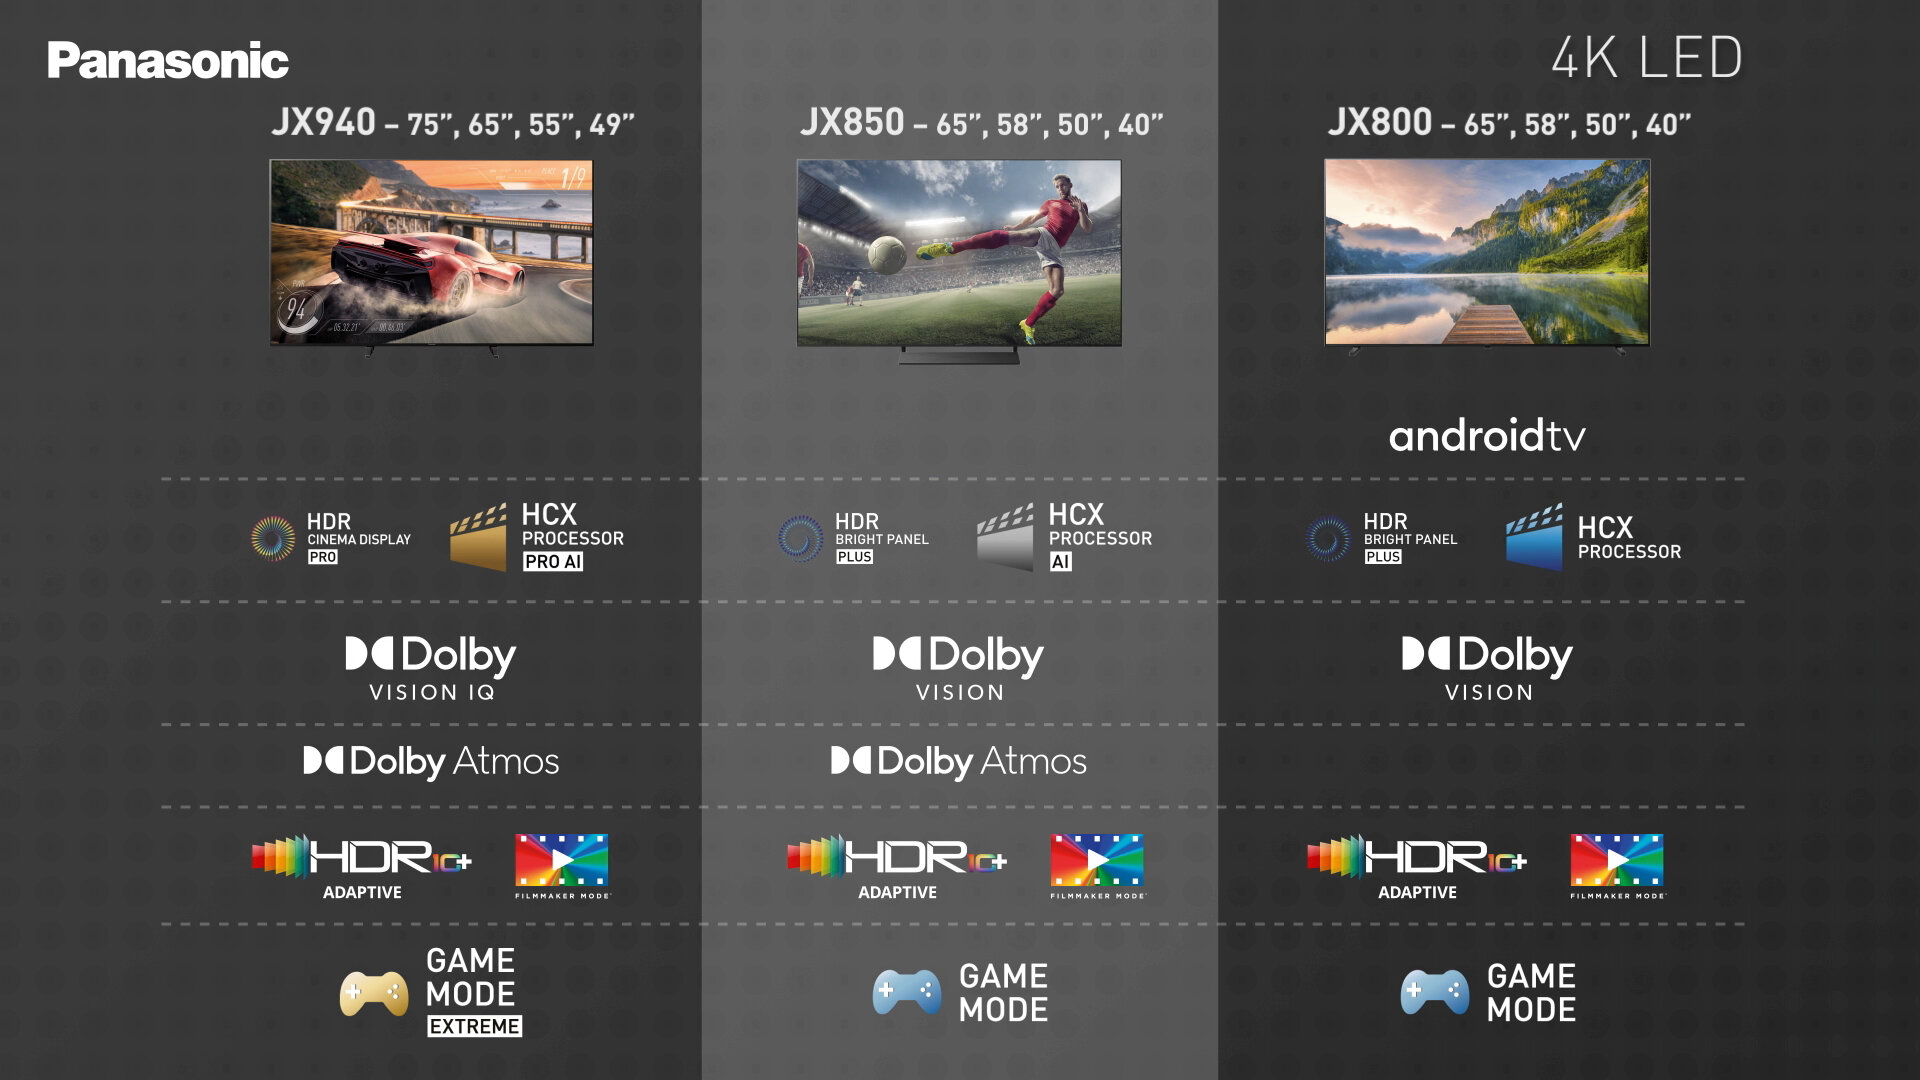 Die neuen LCD-Fernseher im Vergleich